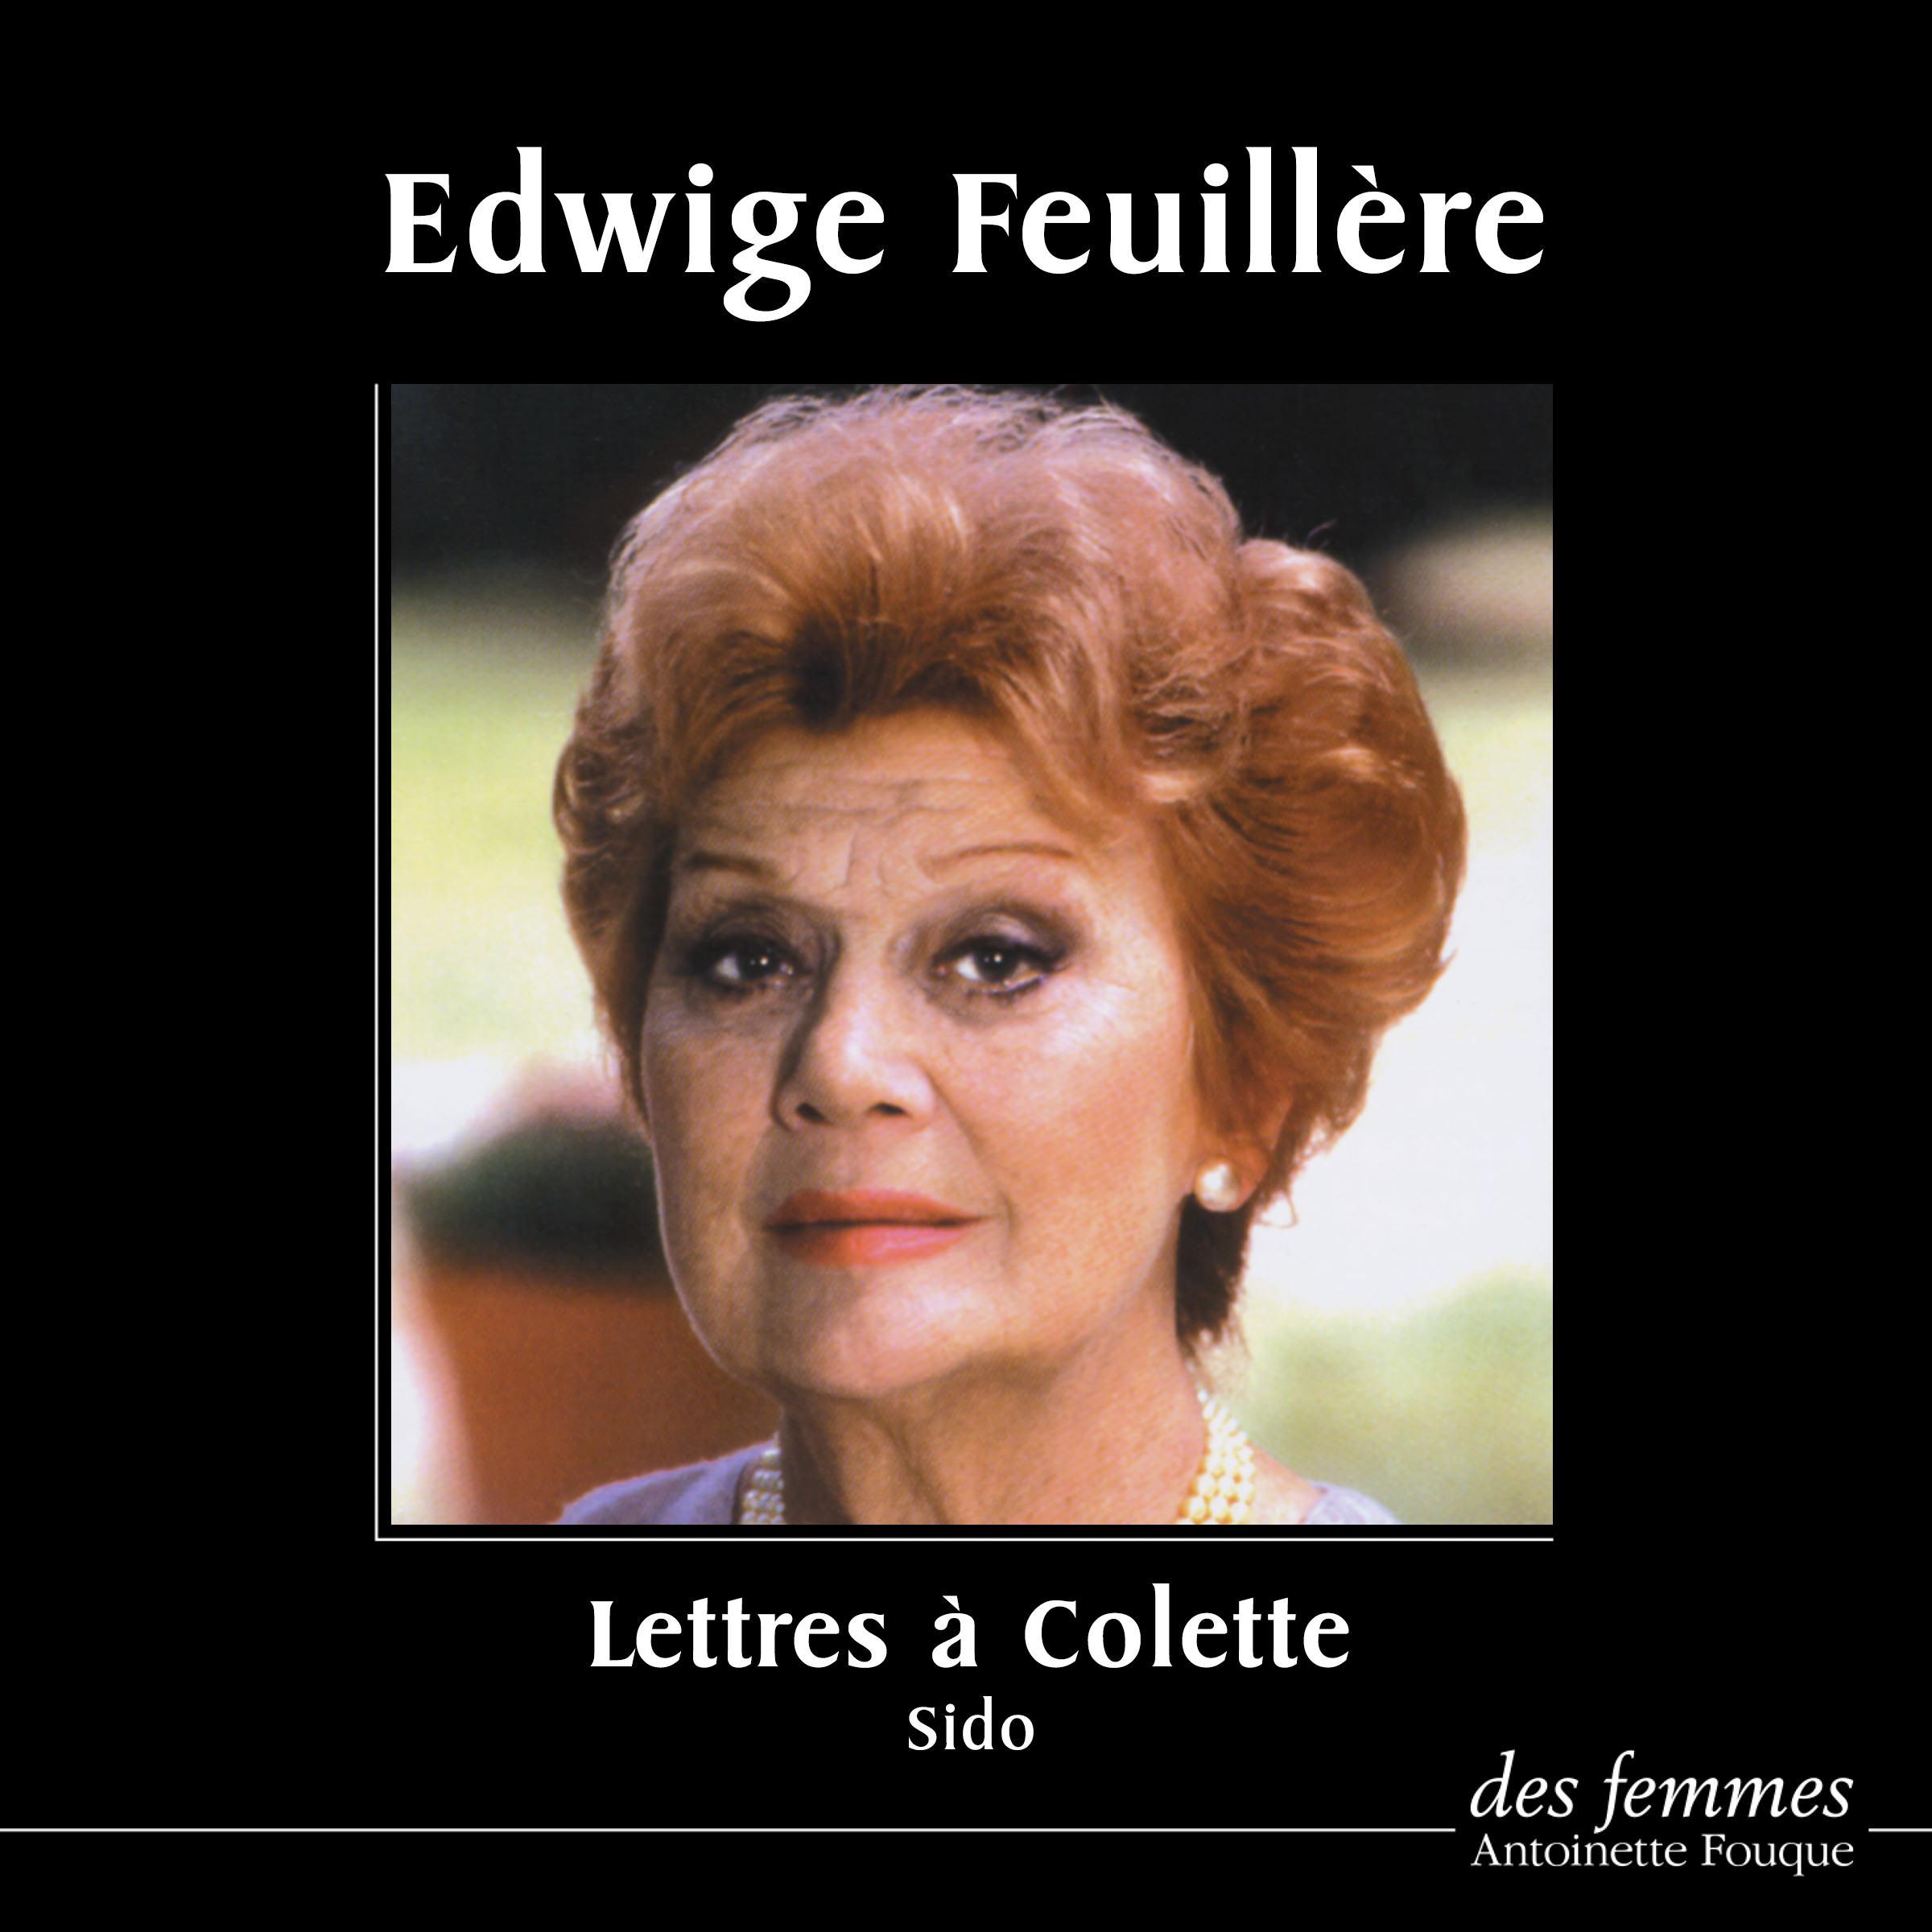 Lettres à Colette